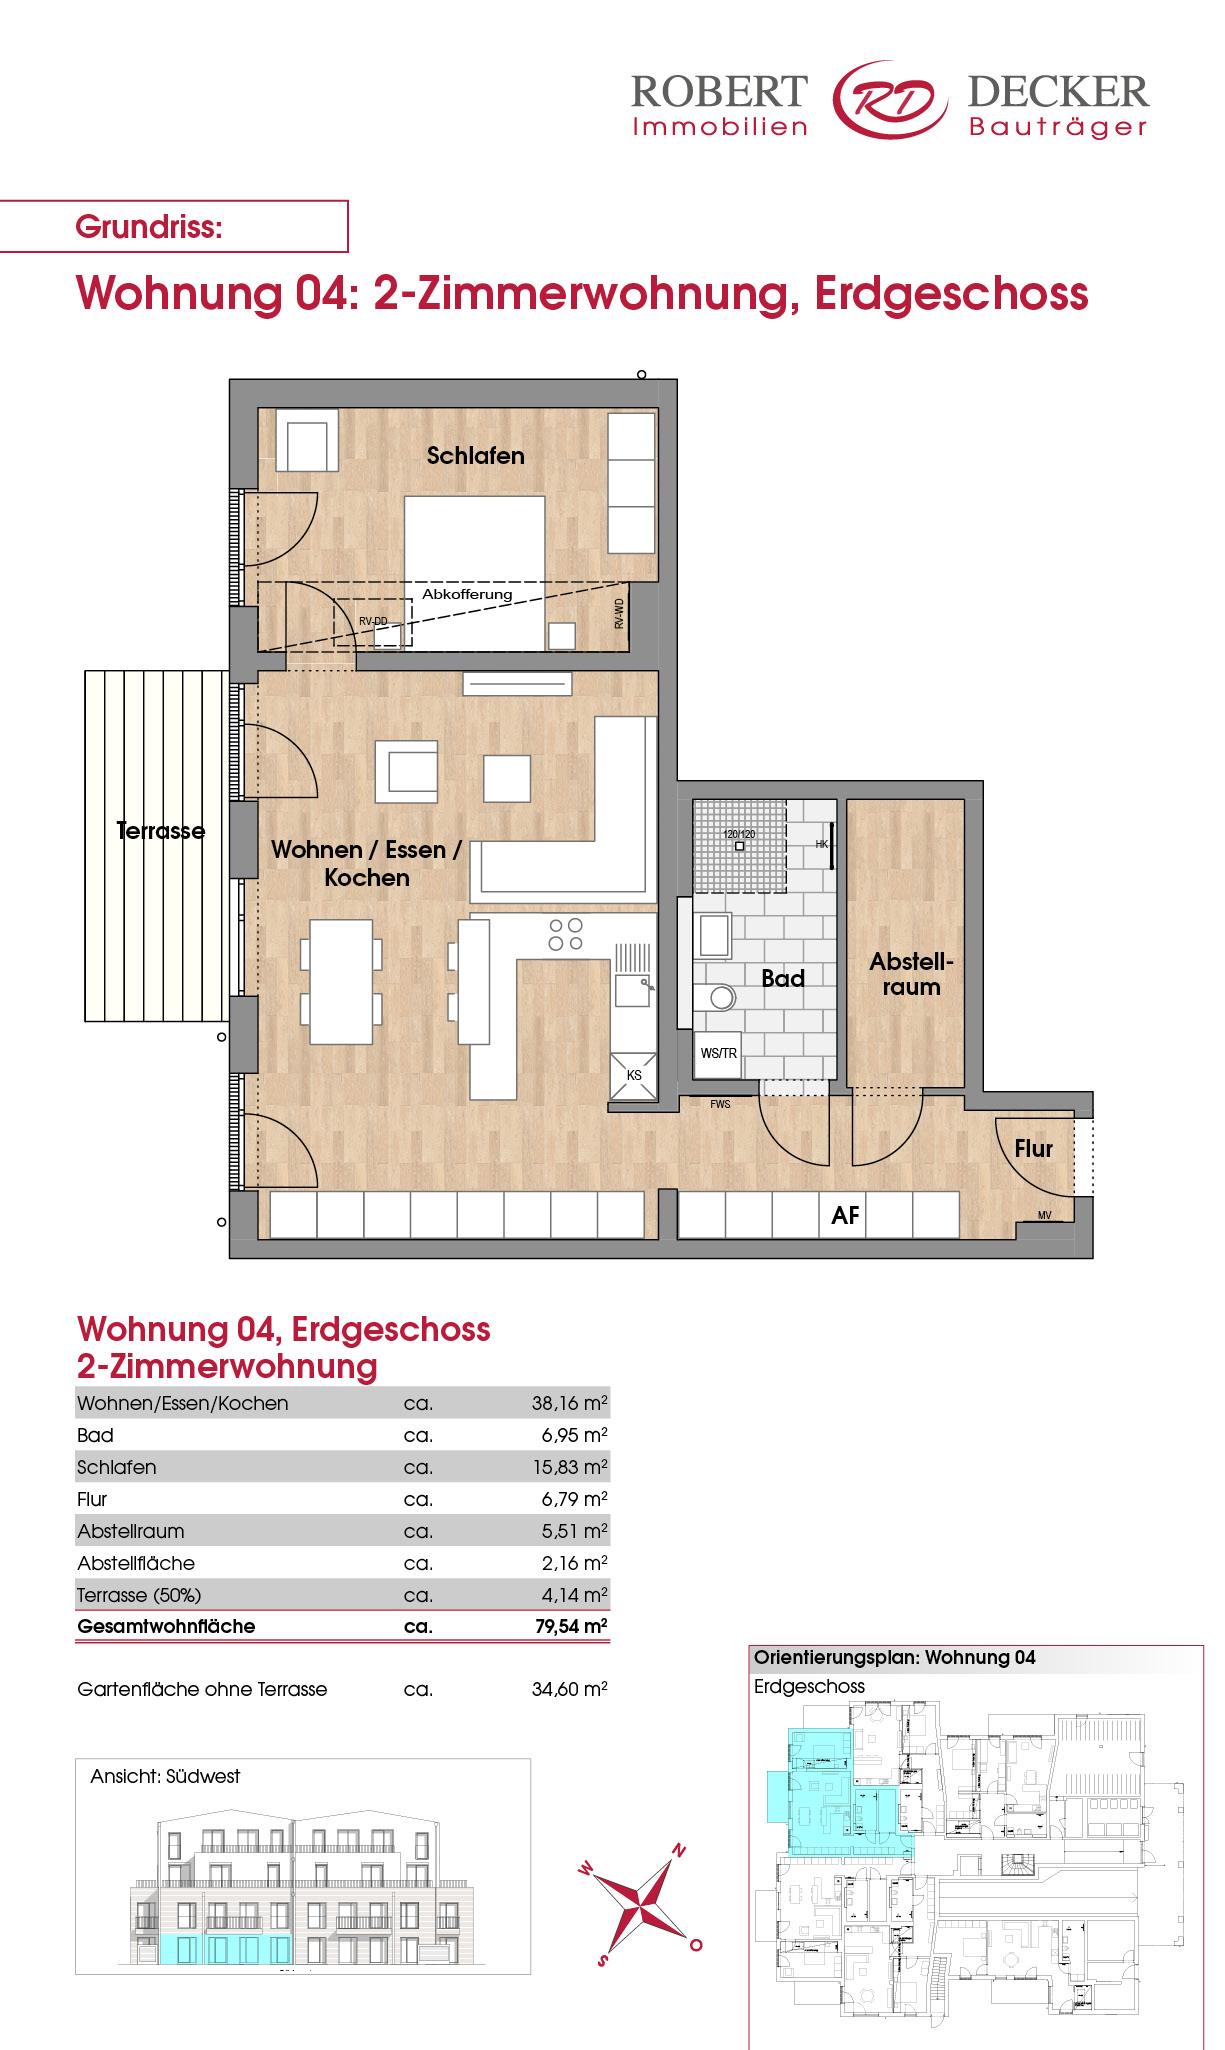 2-Zimmerwohnung, Erdgeschoss, Whg. 04